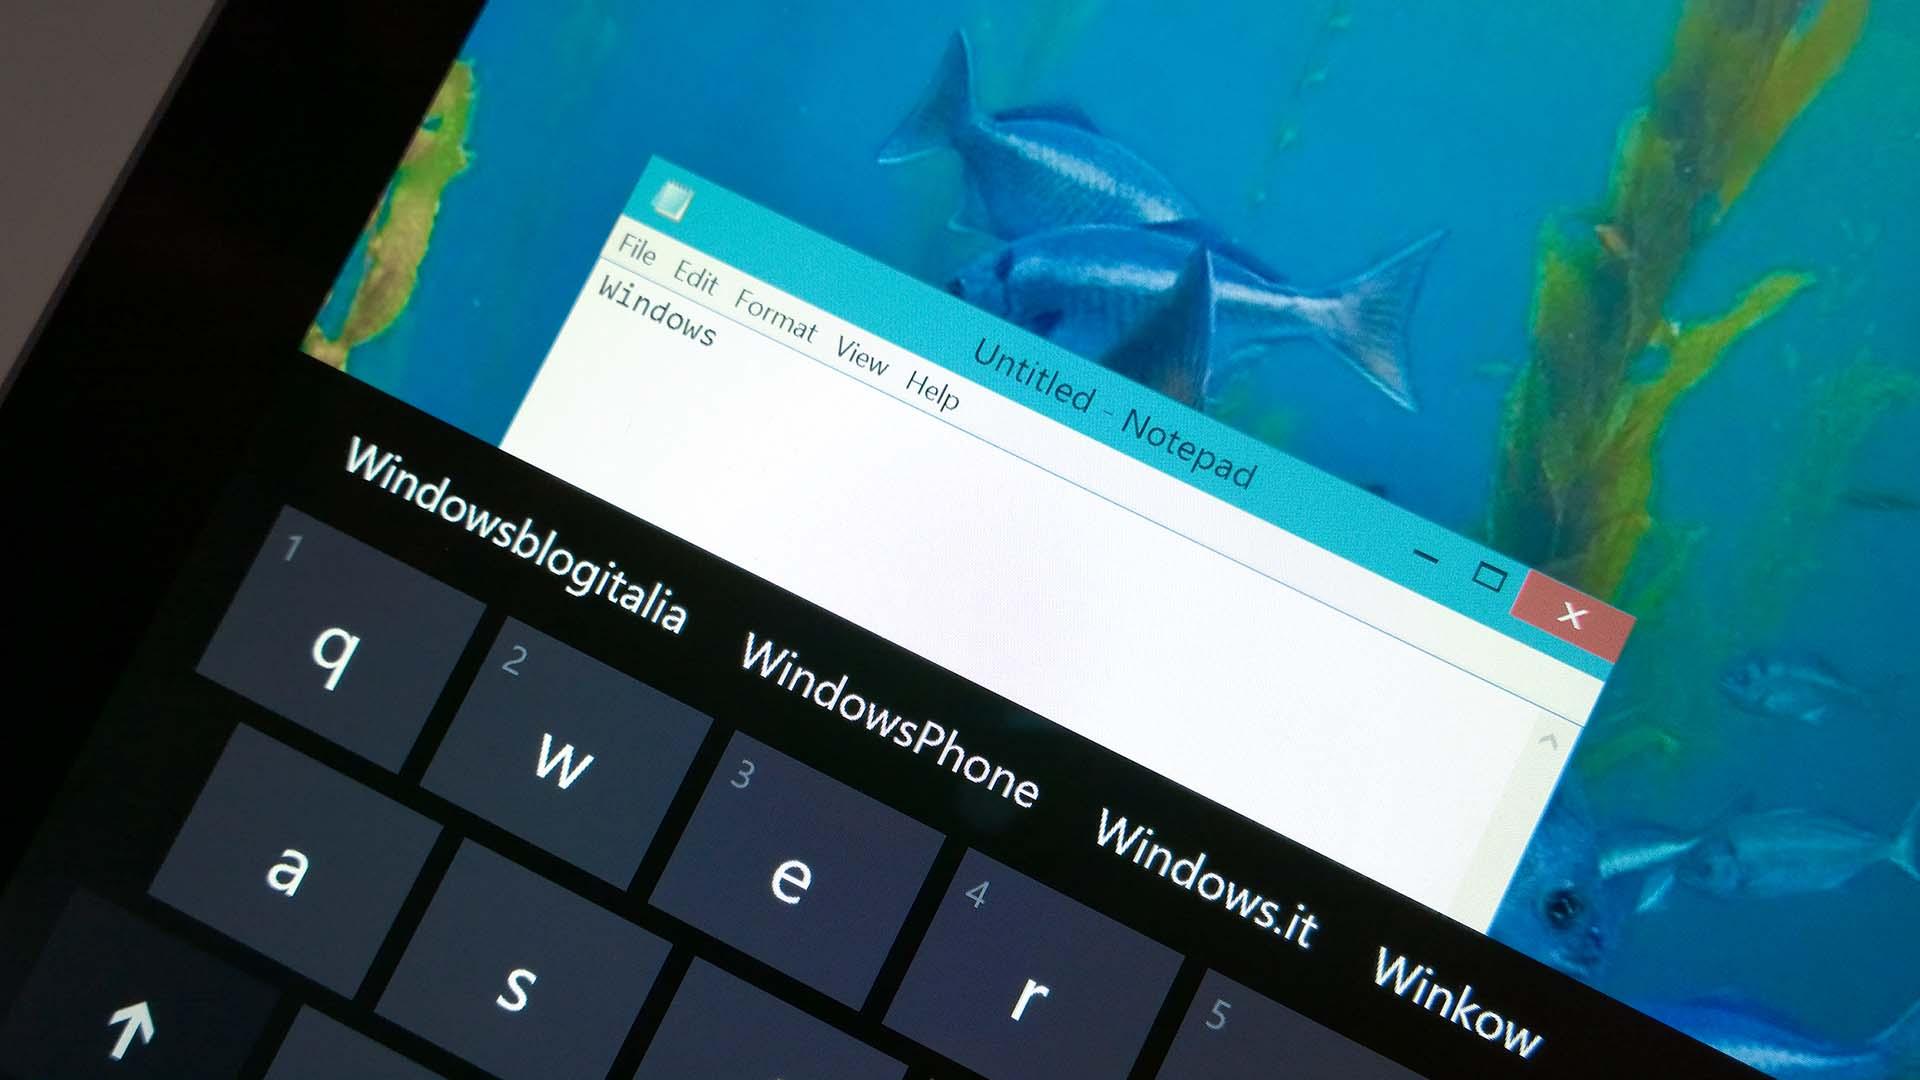 Windows 10 tastiera suggerimenti